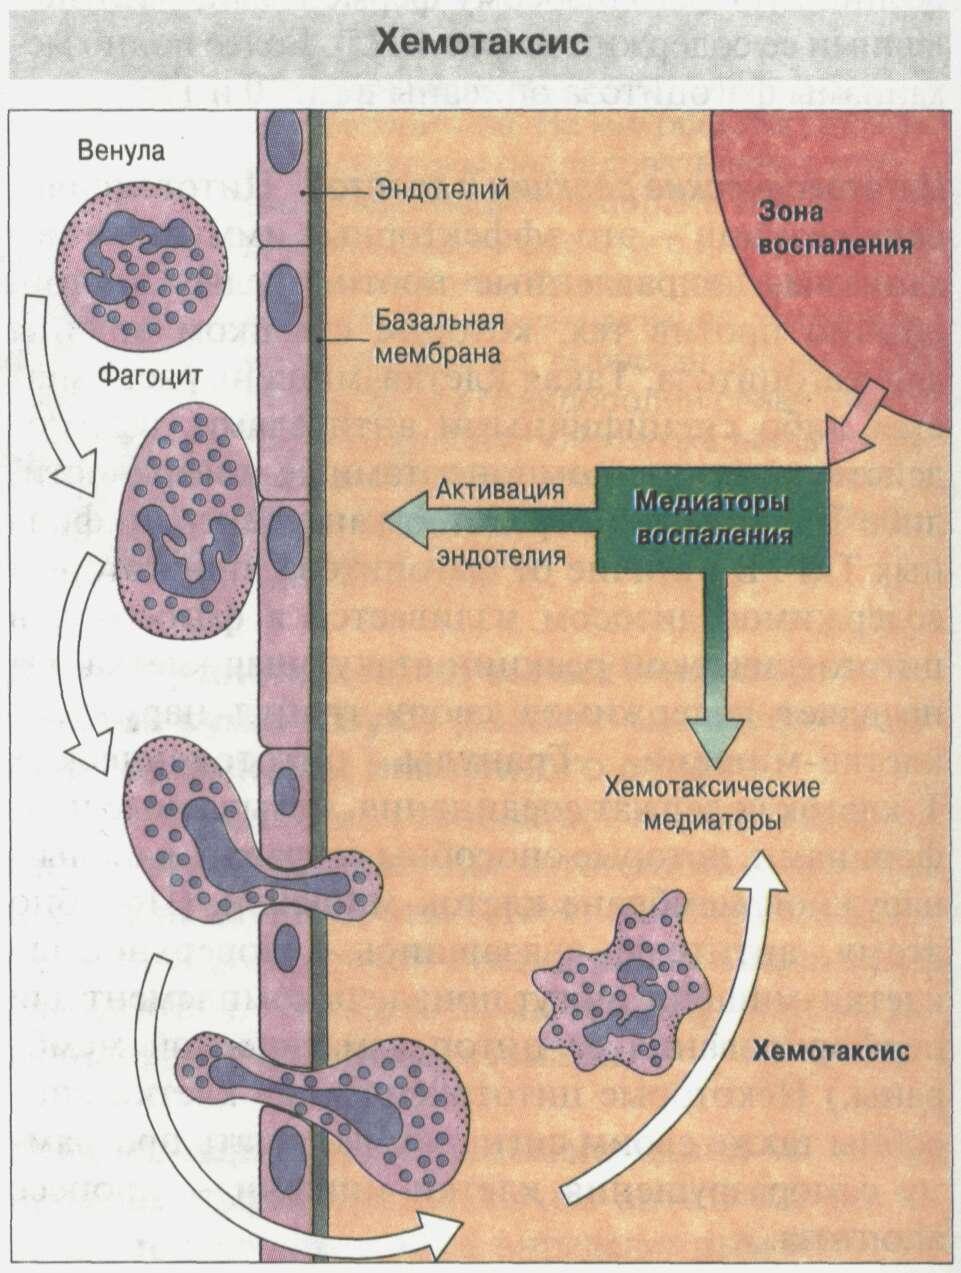 Общие сведения об иммунной системе Рис. 17